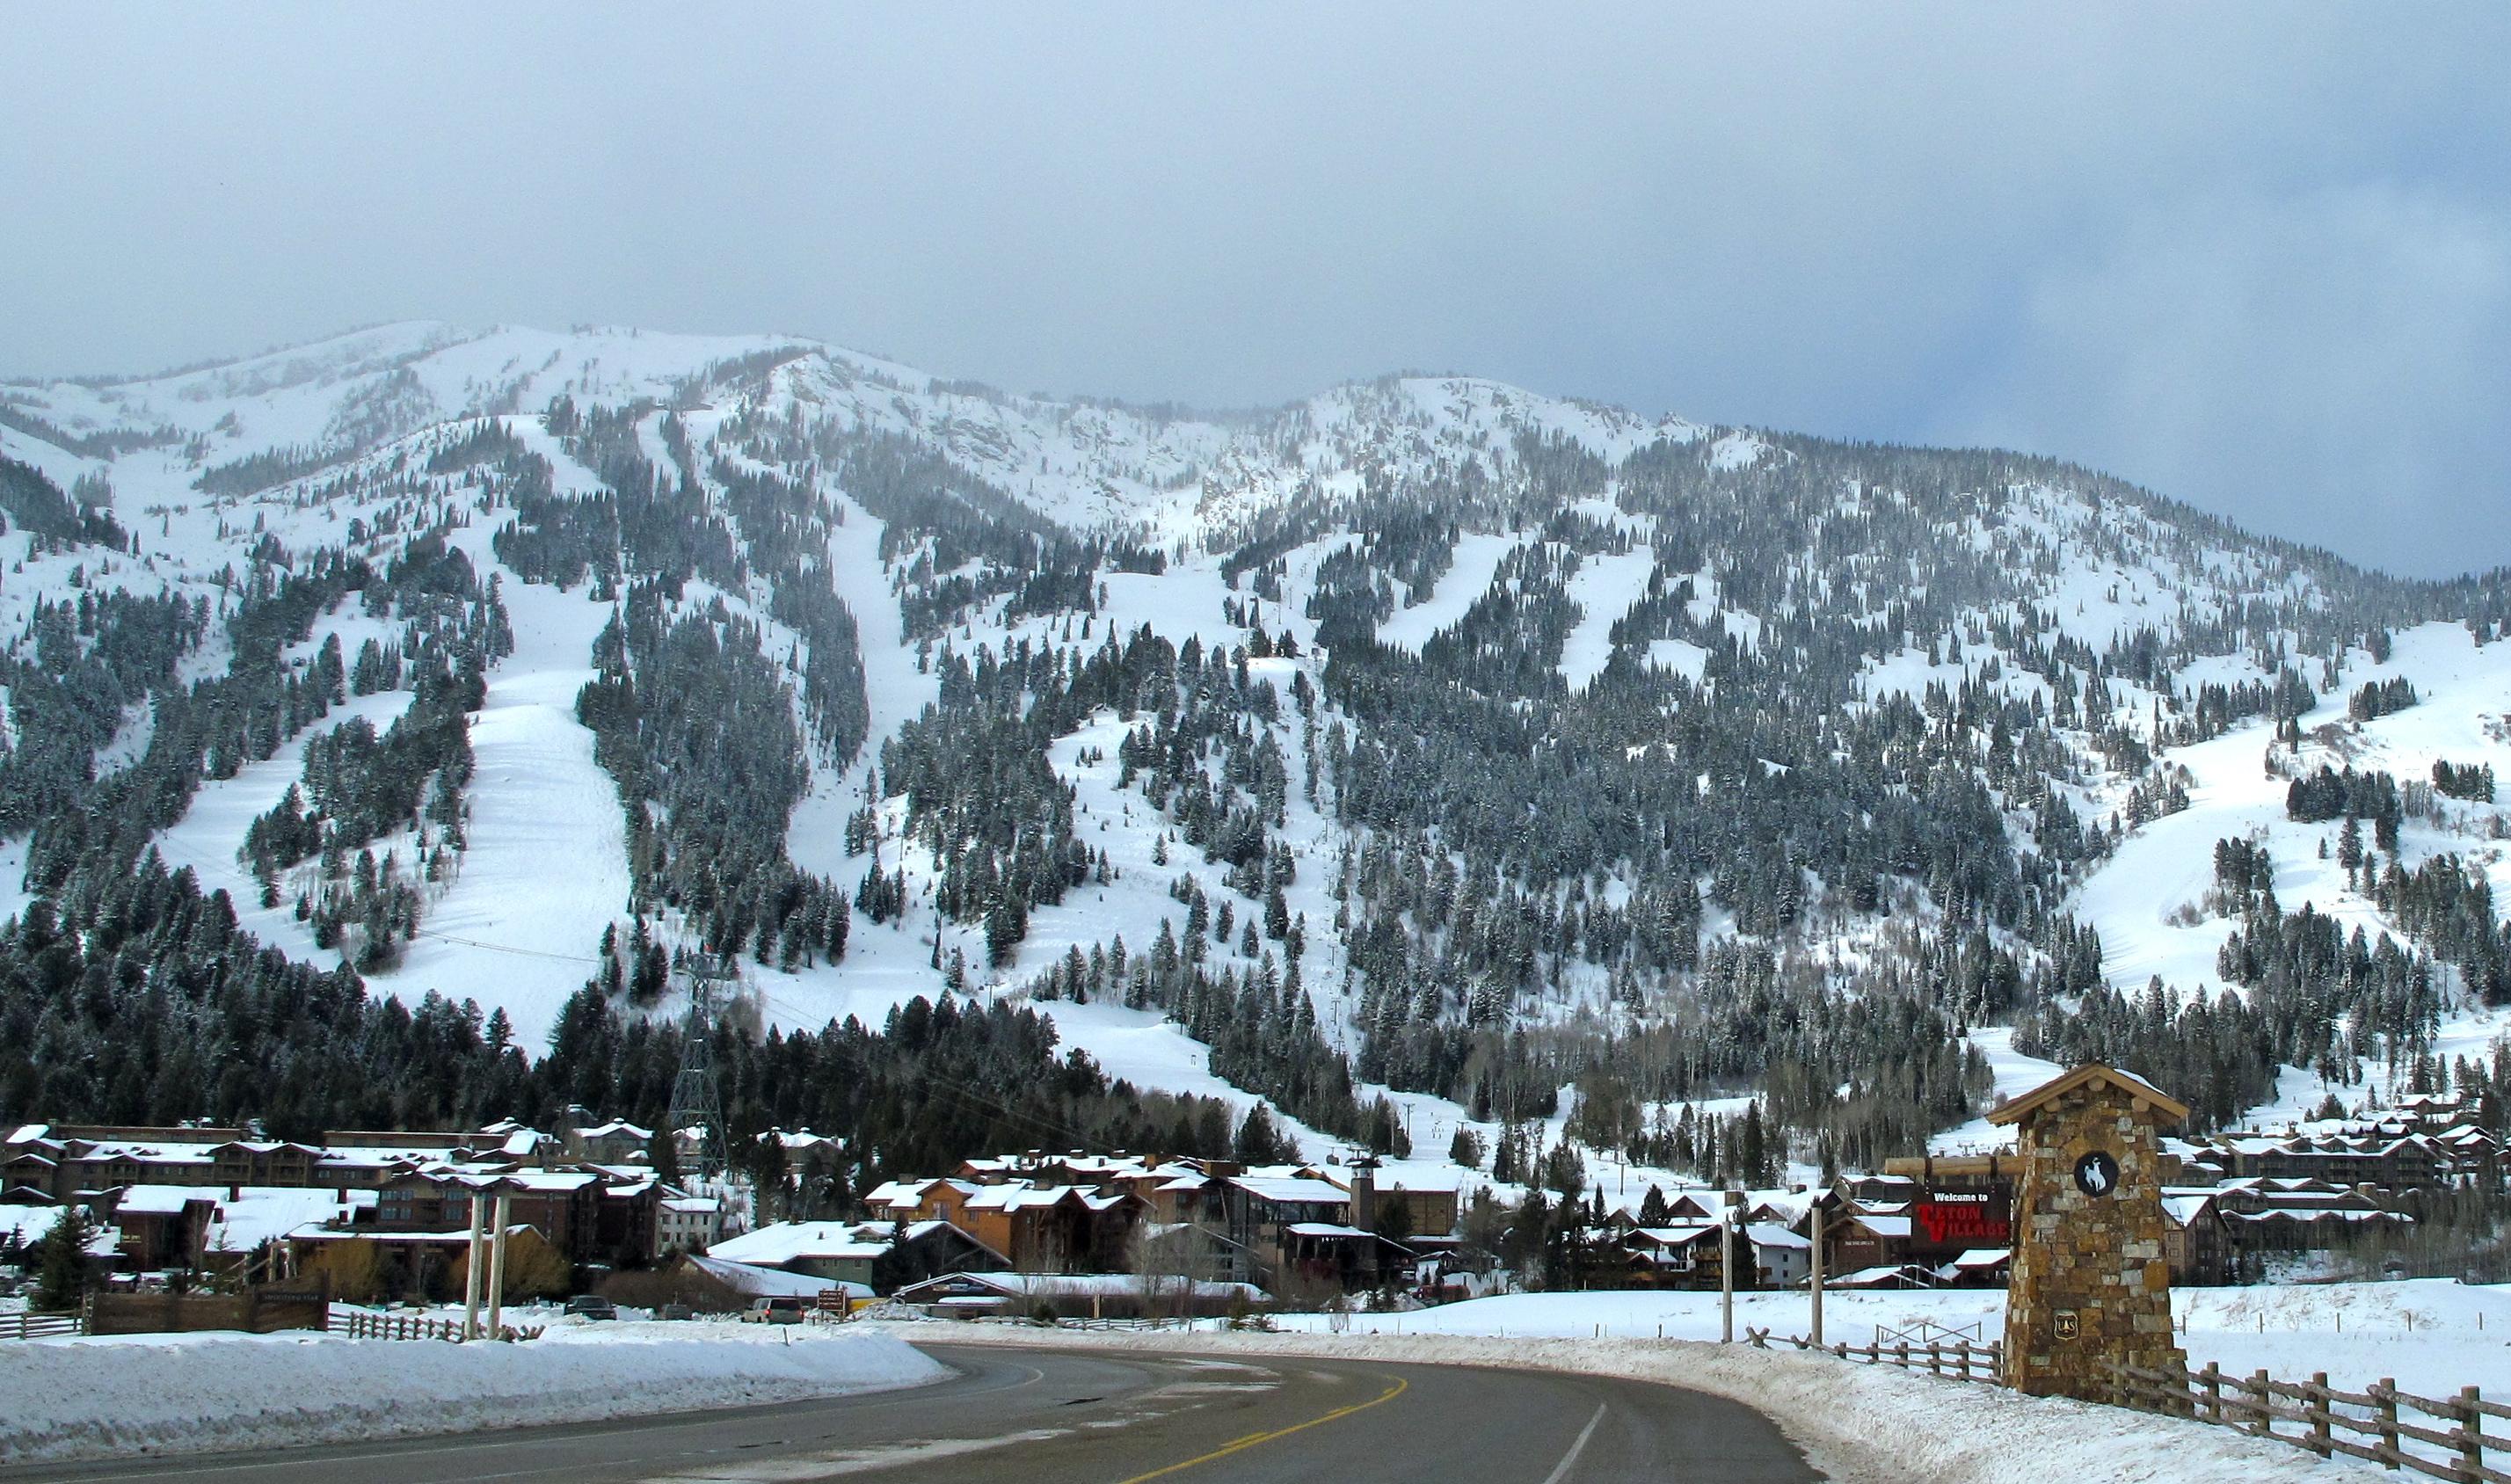 Ten Best Winter Activities In Jackson Hole Wyoming